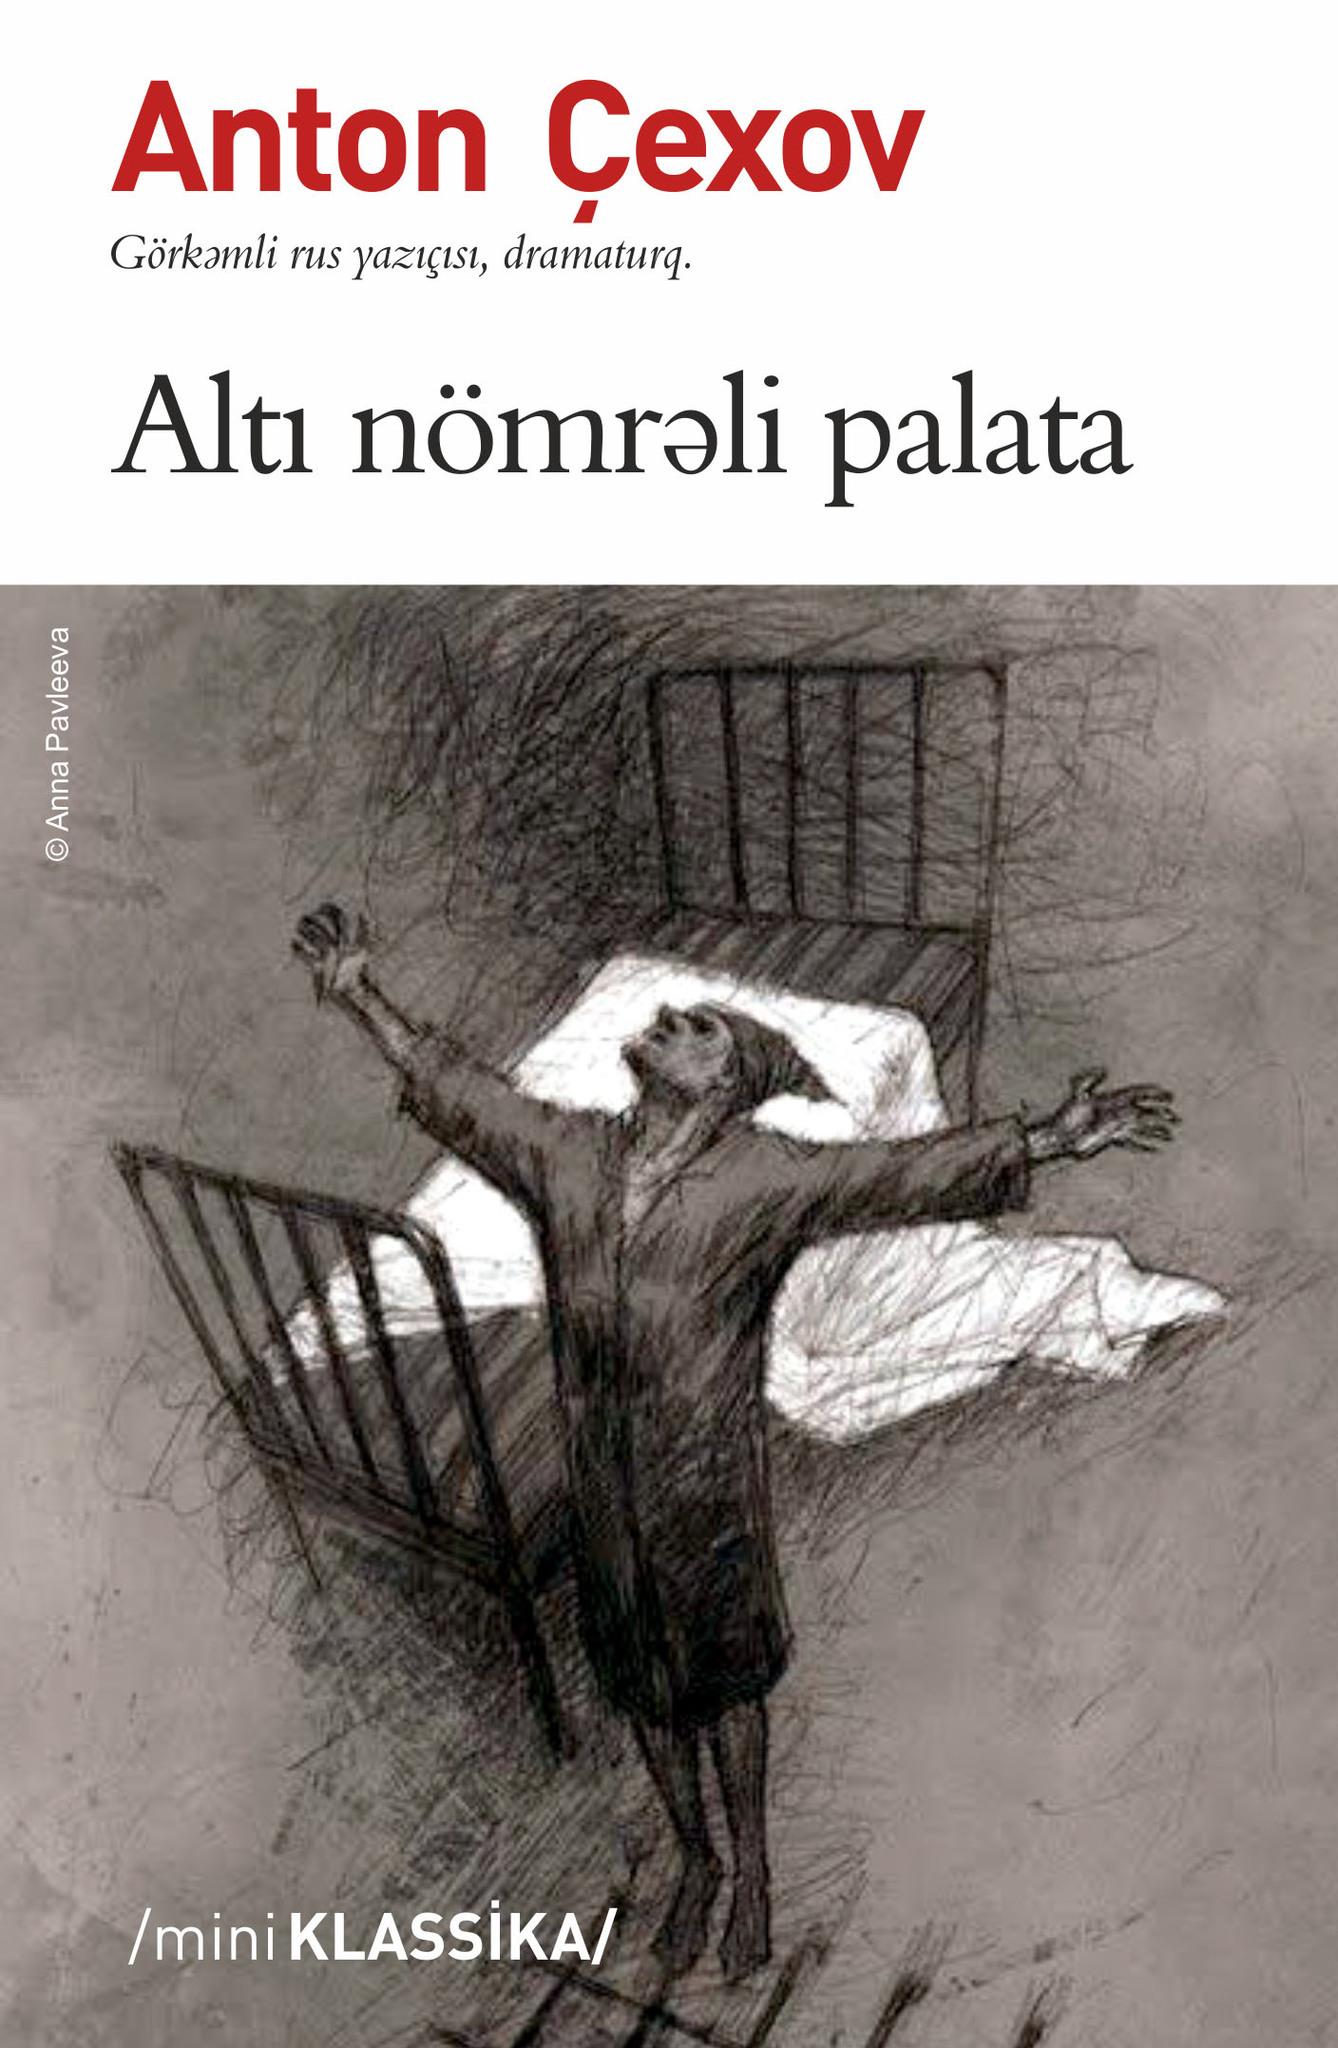 Kitab Altı nömrəli palata | Anton Çexov | 9789952364484 | Alinino.az